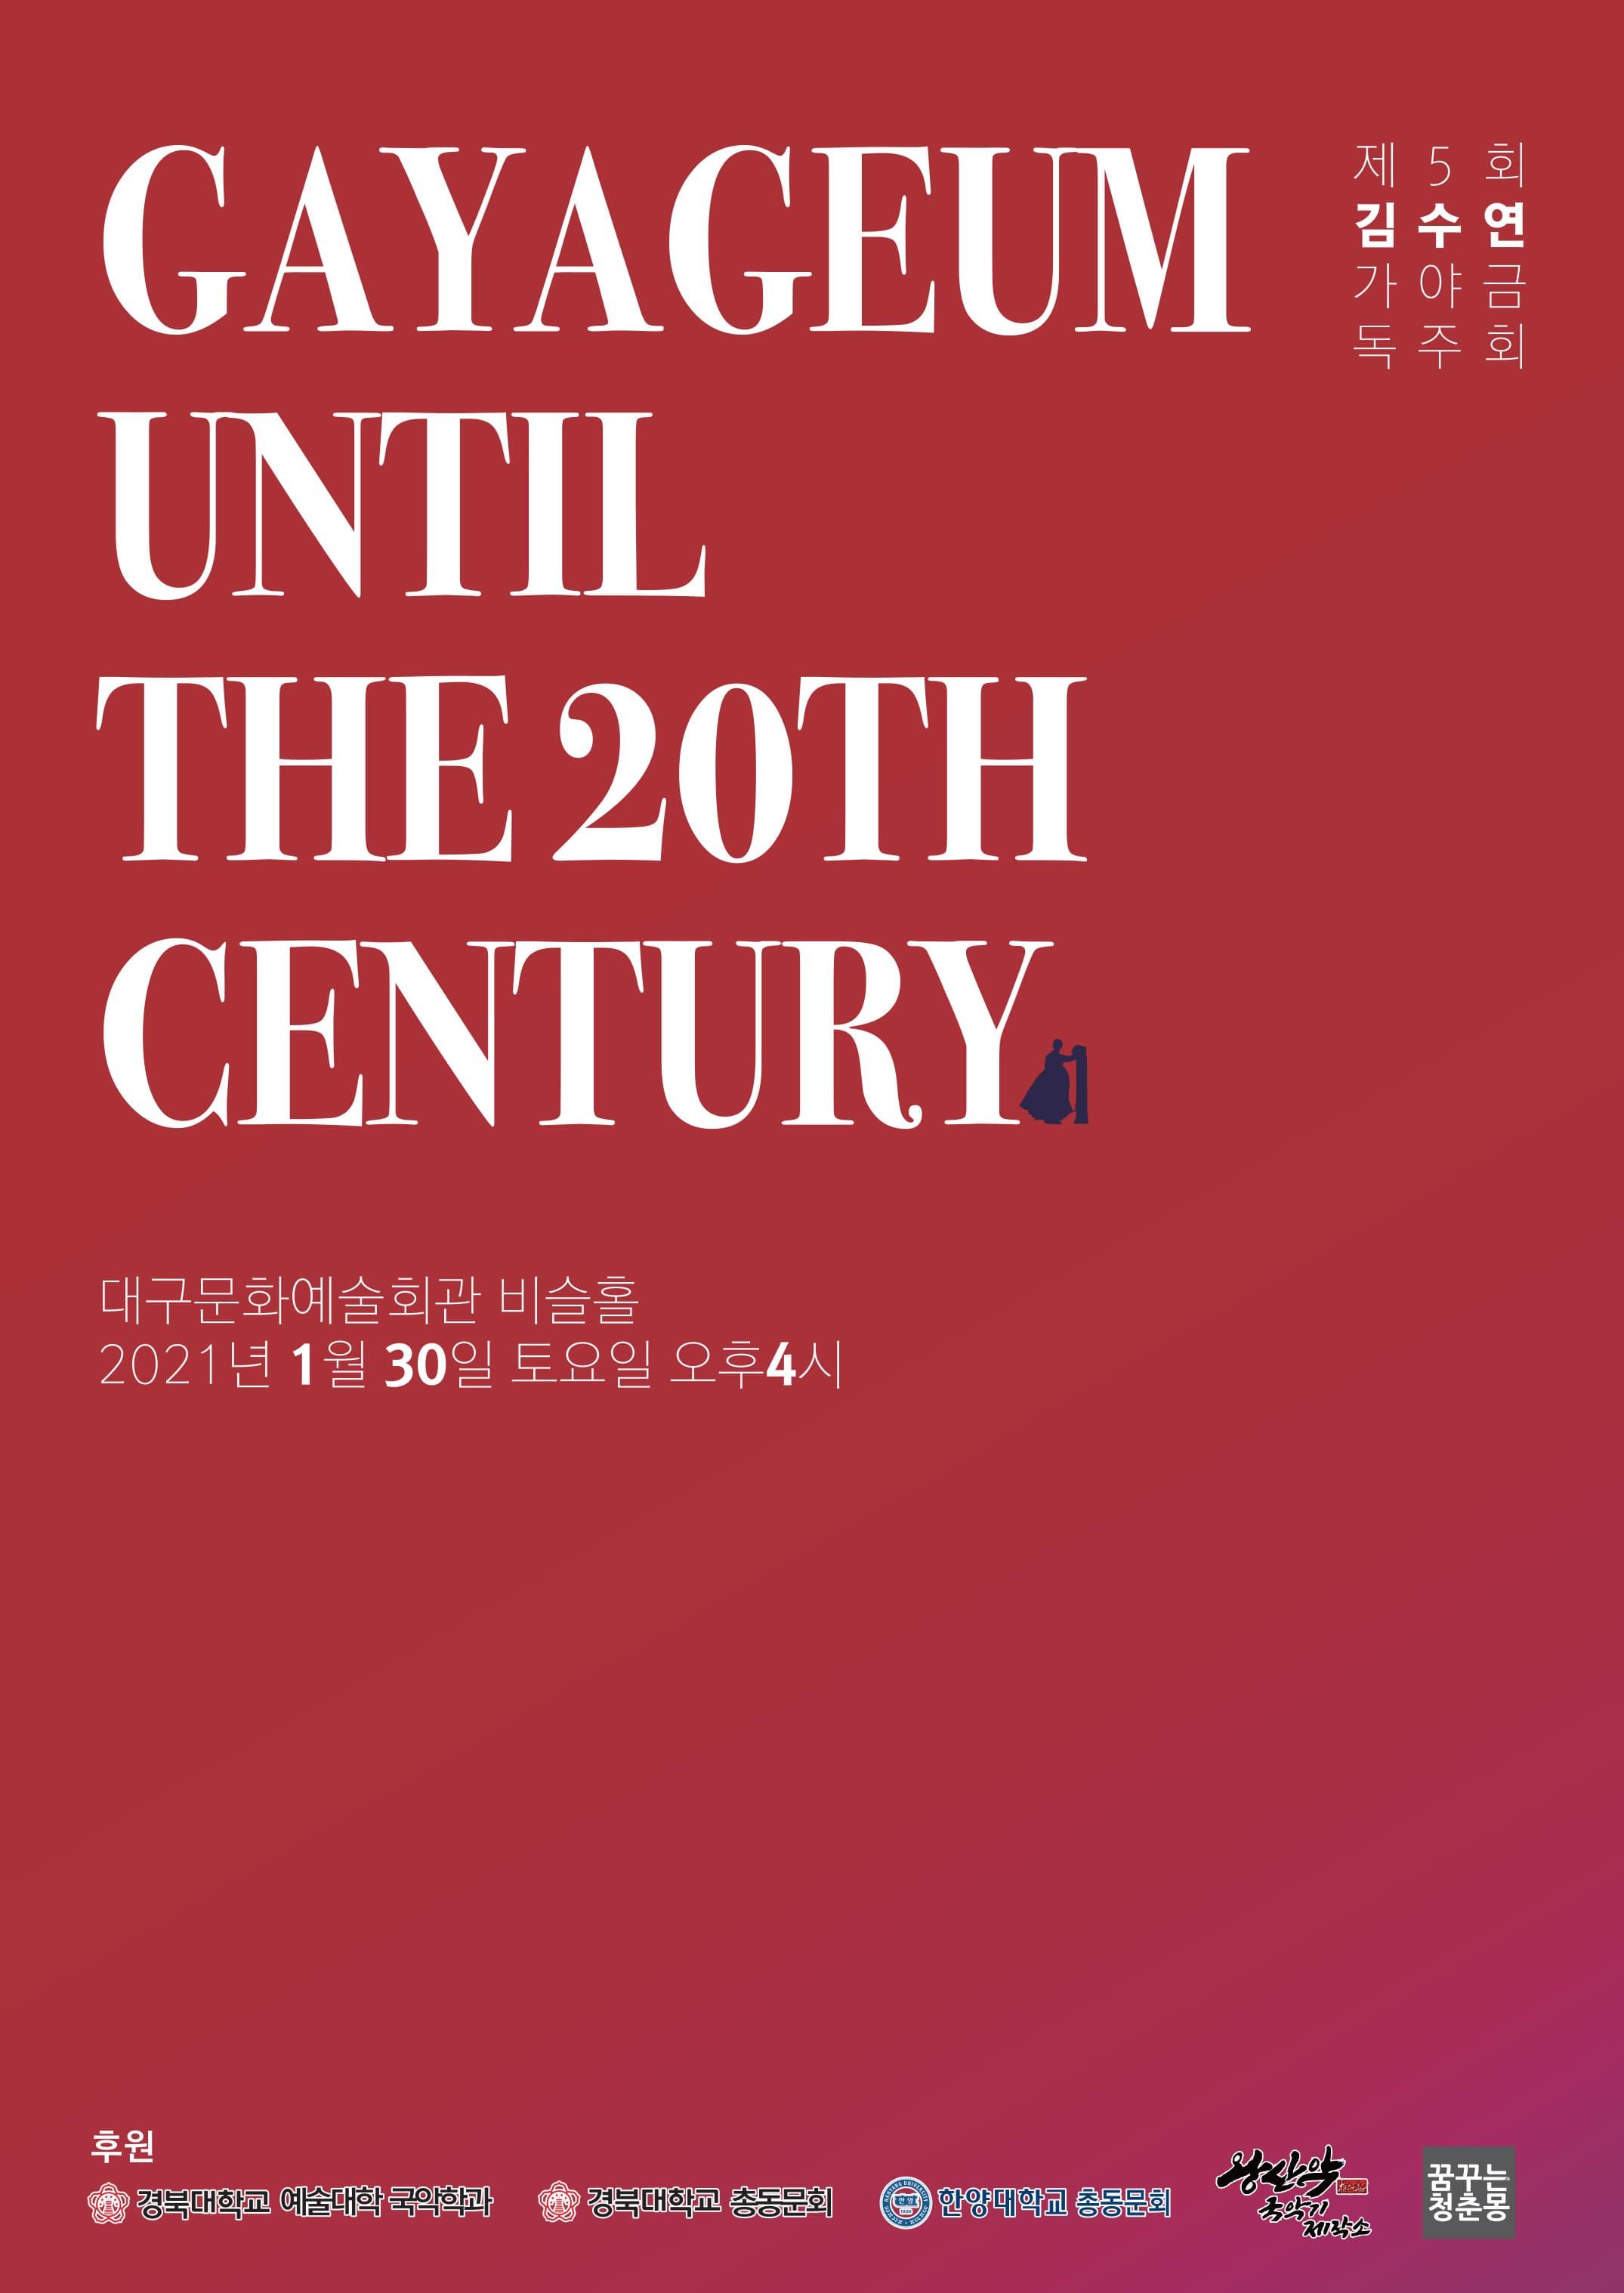 제5회 김수연 가야금 독주회_ GAYAGEUM UNTIL THE 20TH CENTURY